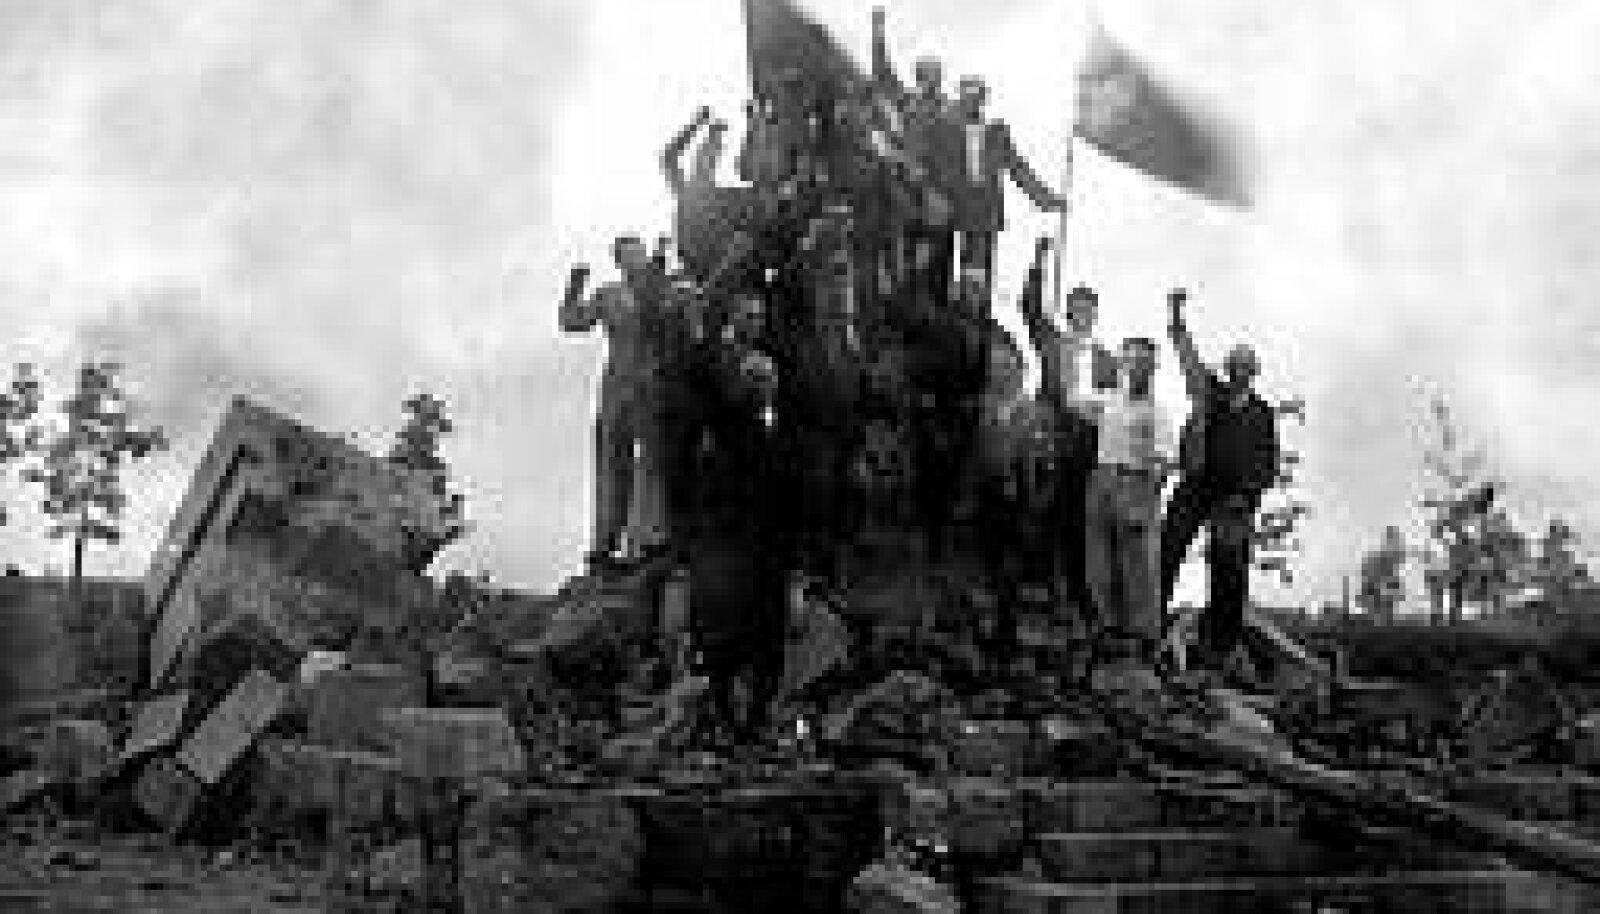 TÖÖ TEHTUD, PIDU LAHTI: President Pätsi ausammas on purustatud. Hävitajad lehvitavad punalippudega. On 11. august 1940, kell 20.15. VILJANDI MUUSEUM